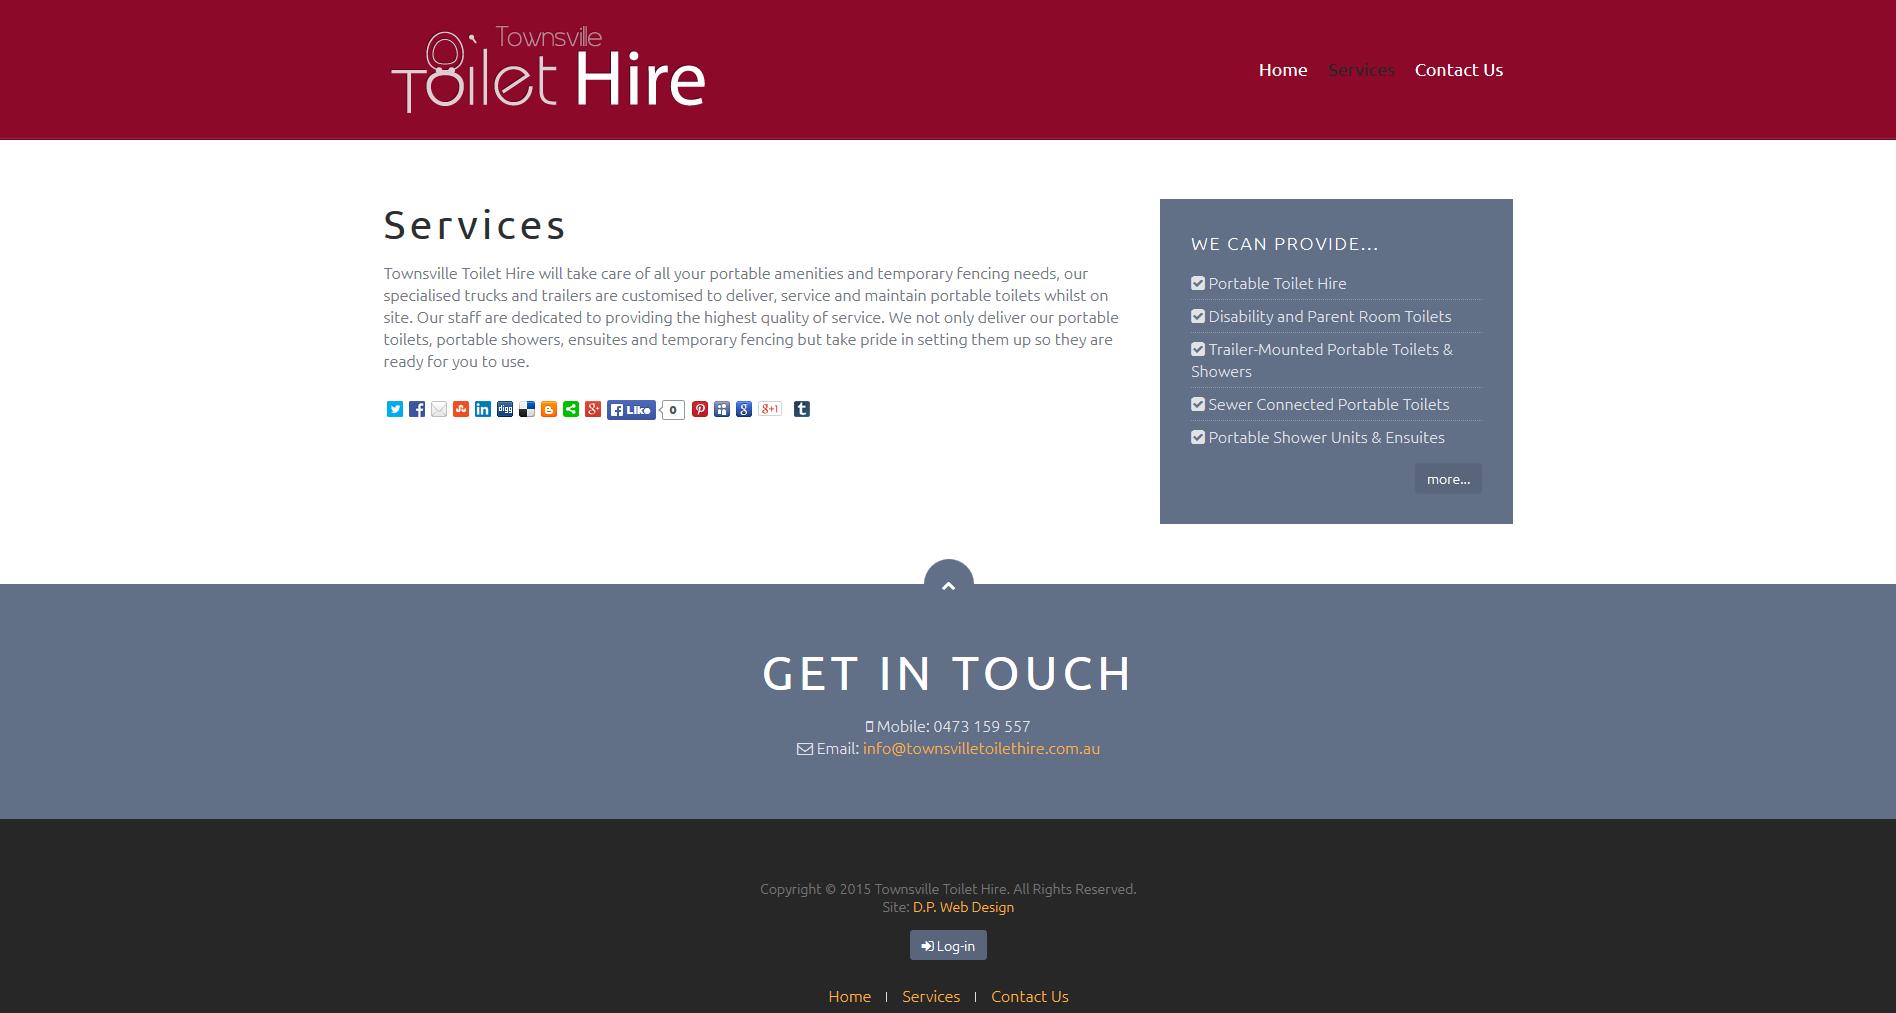 Townsville Toilet Hire - D.P. Web Design